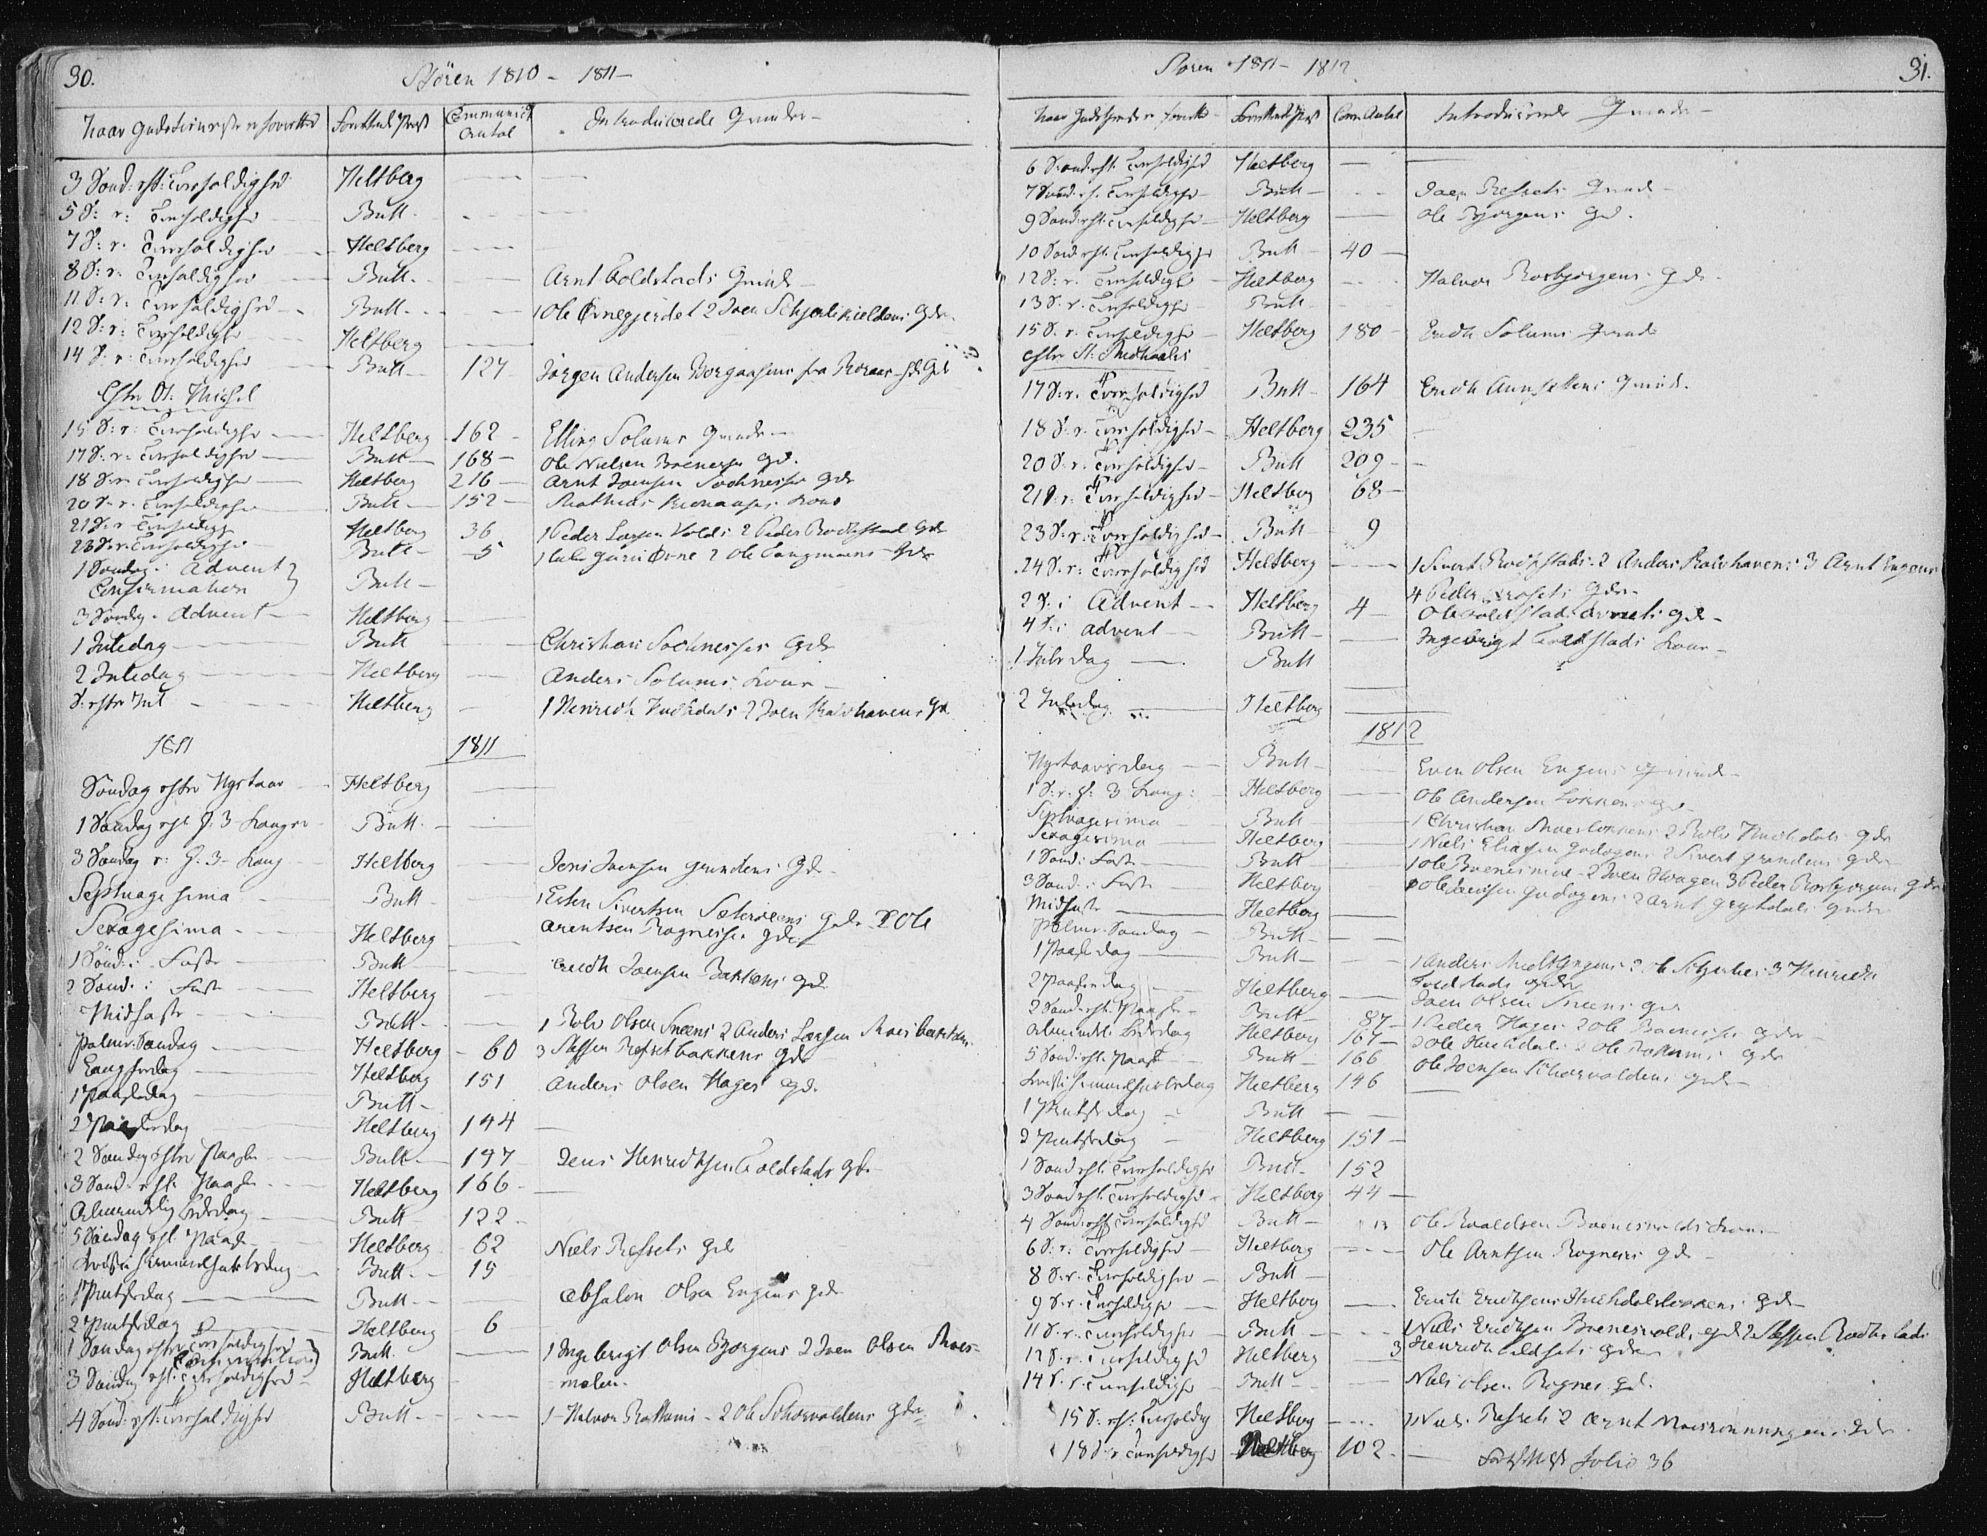 SAT, Ministerialprotokoller, klokkerbøker og fødselsregistre - Sør-Trøndelag, 687/L0992: Ministerialbok nr. 687A03 /1, 1788-1815, s. 30-31